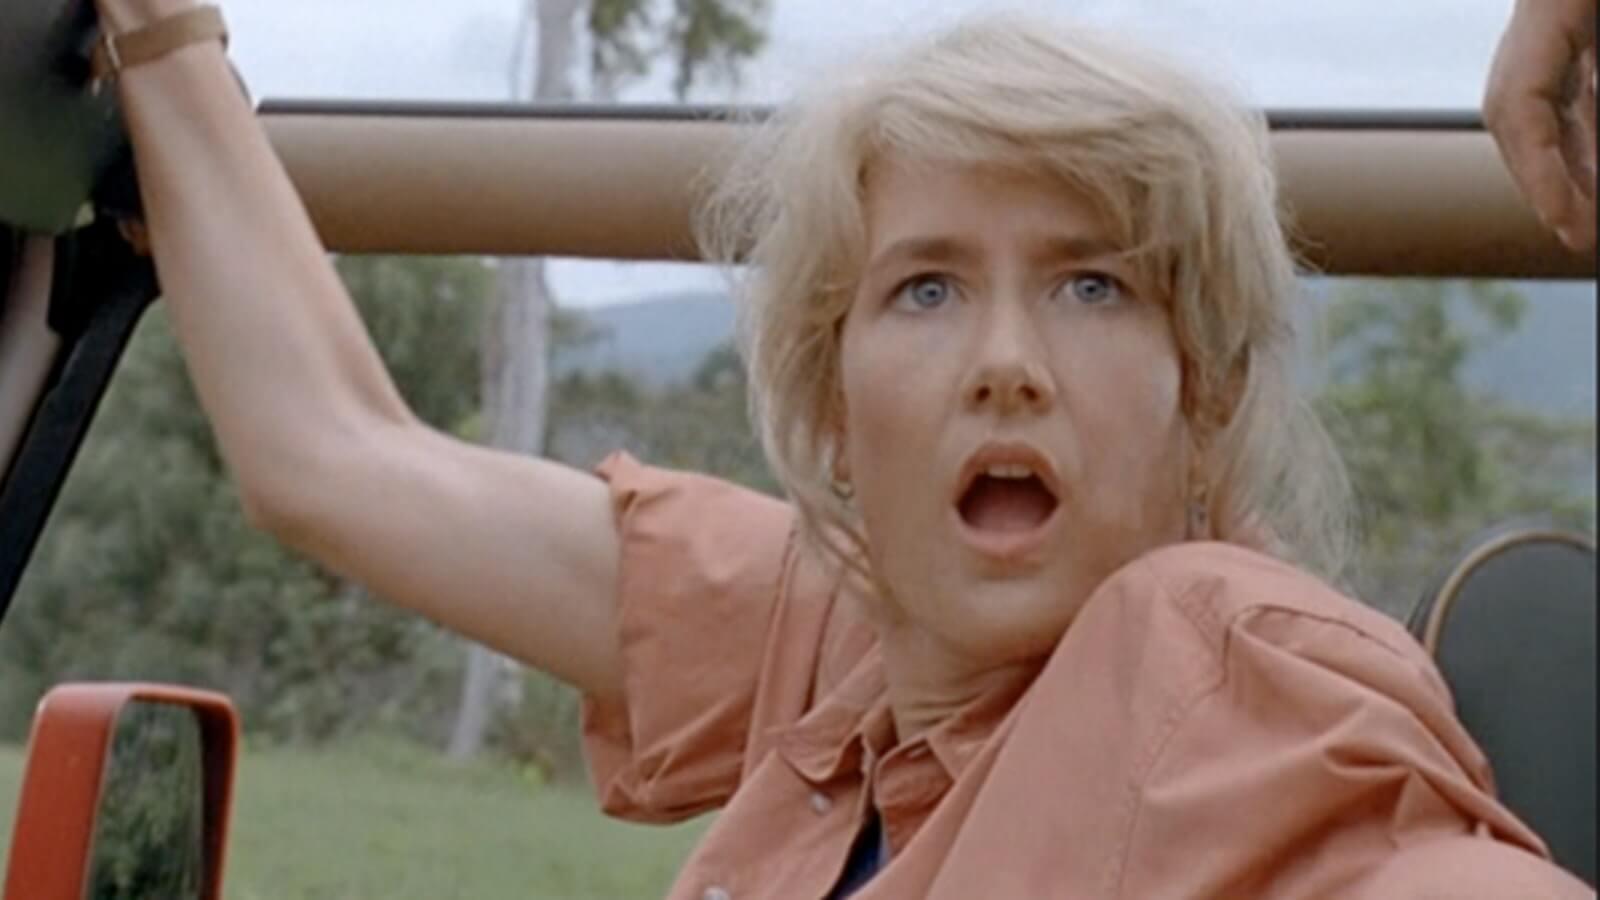 Jurassic Park comemora 25 anos e terá exibição especial nos cinemas do Brasil